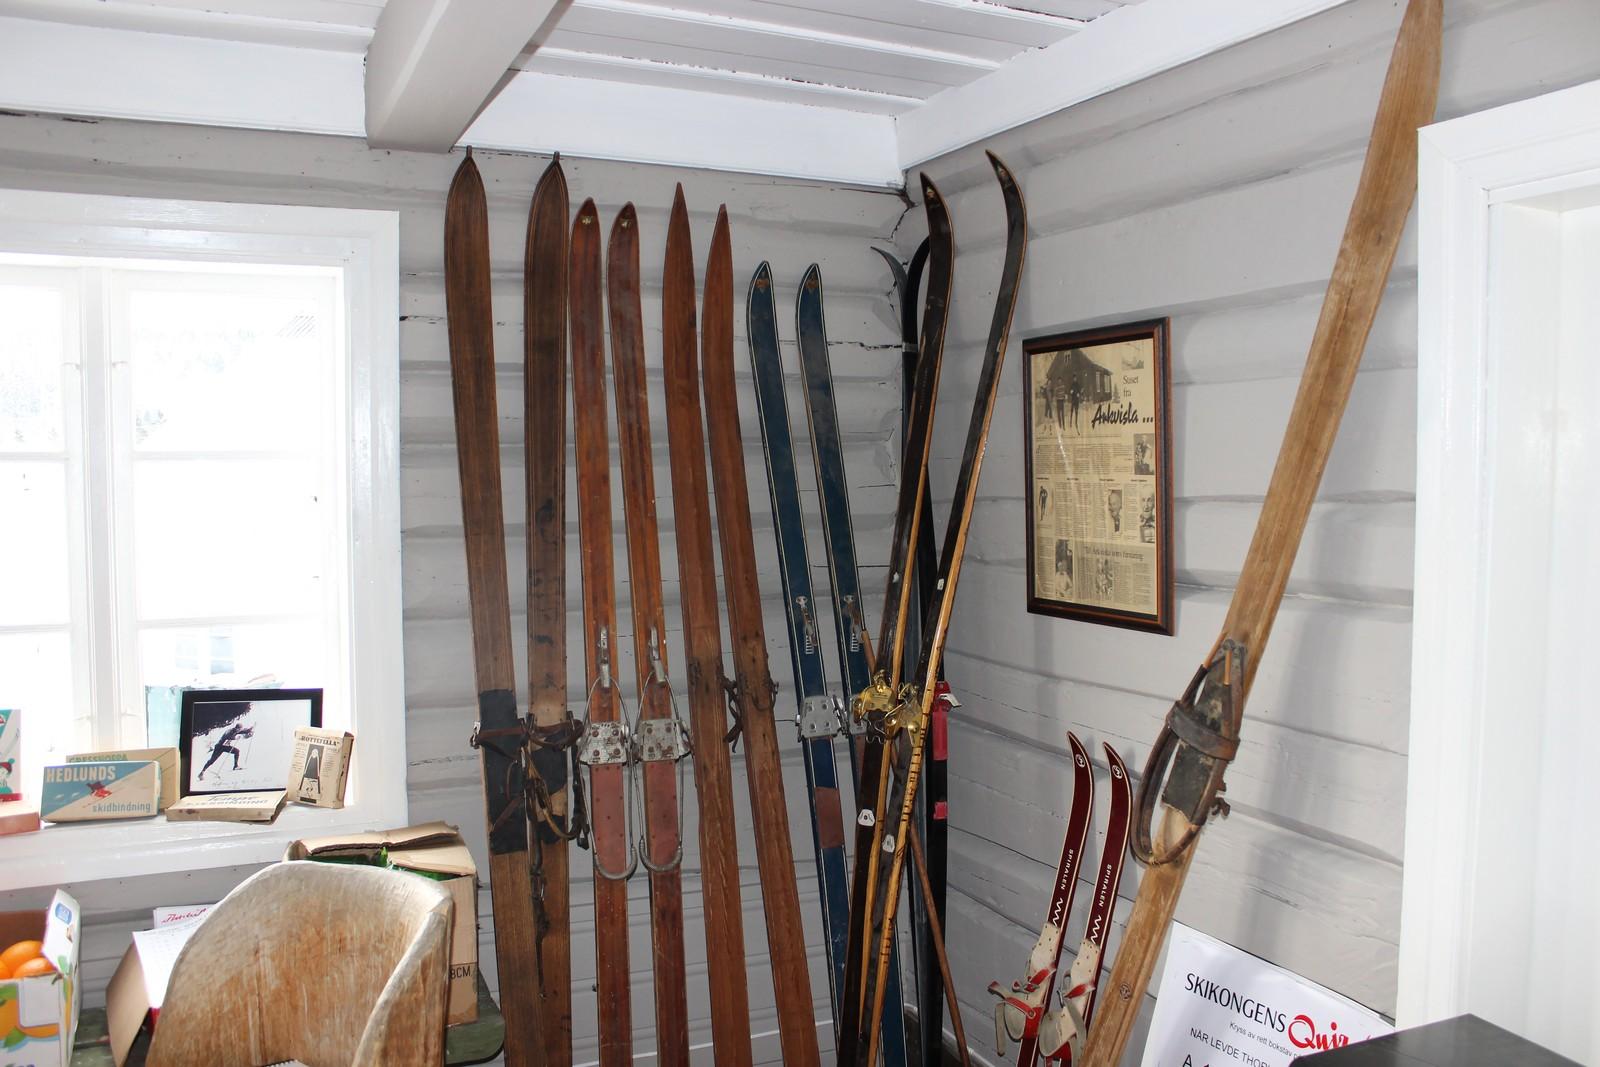 Ski fra Thorleif Haugs tid er på plass. De har den såkalte Haug-bindingen, som Thorleif hadde konstruert selv av skinnreimer. Under skiene brukte han sin egen skivoks, som besto av blant annet gamle grammofonplater, sykkelslanger, revefett og ørevoks.